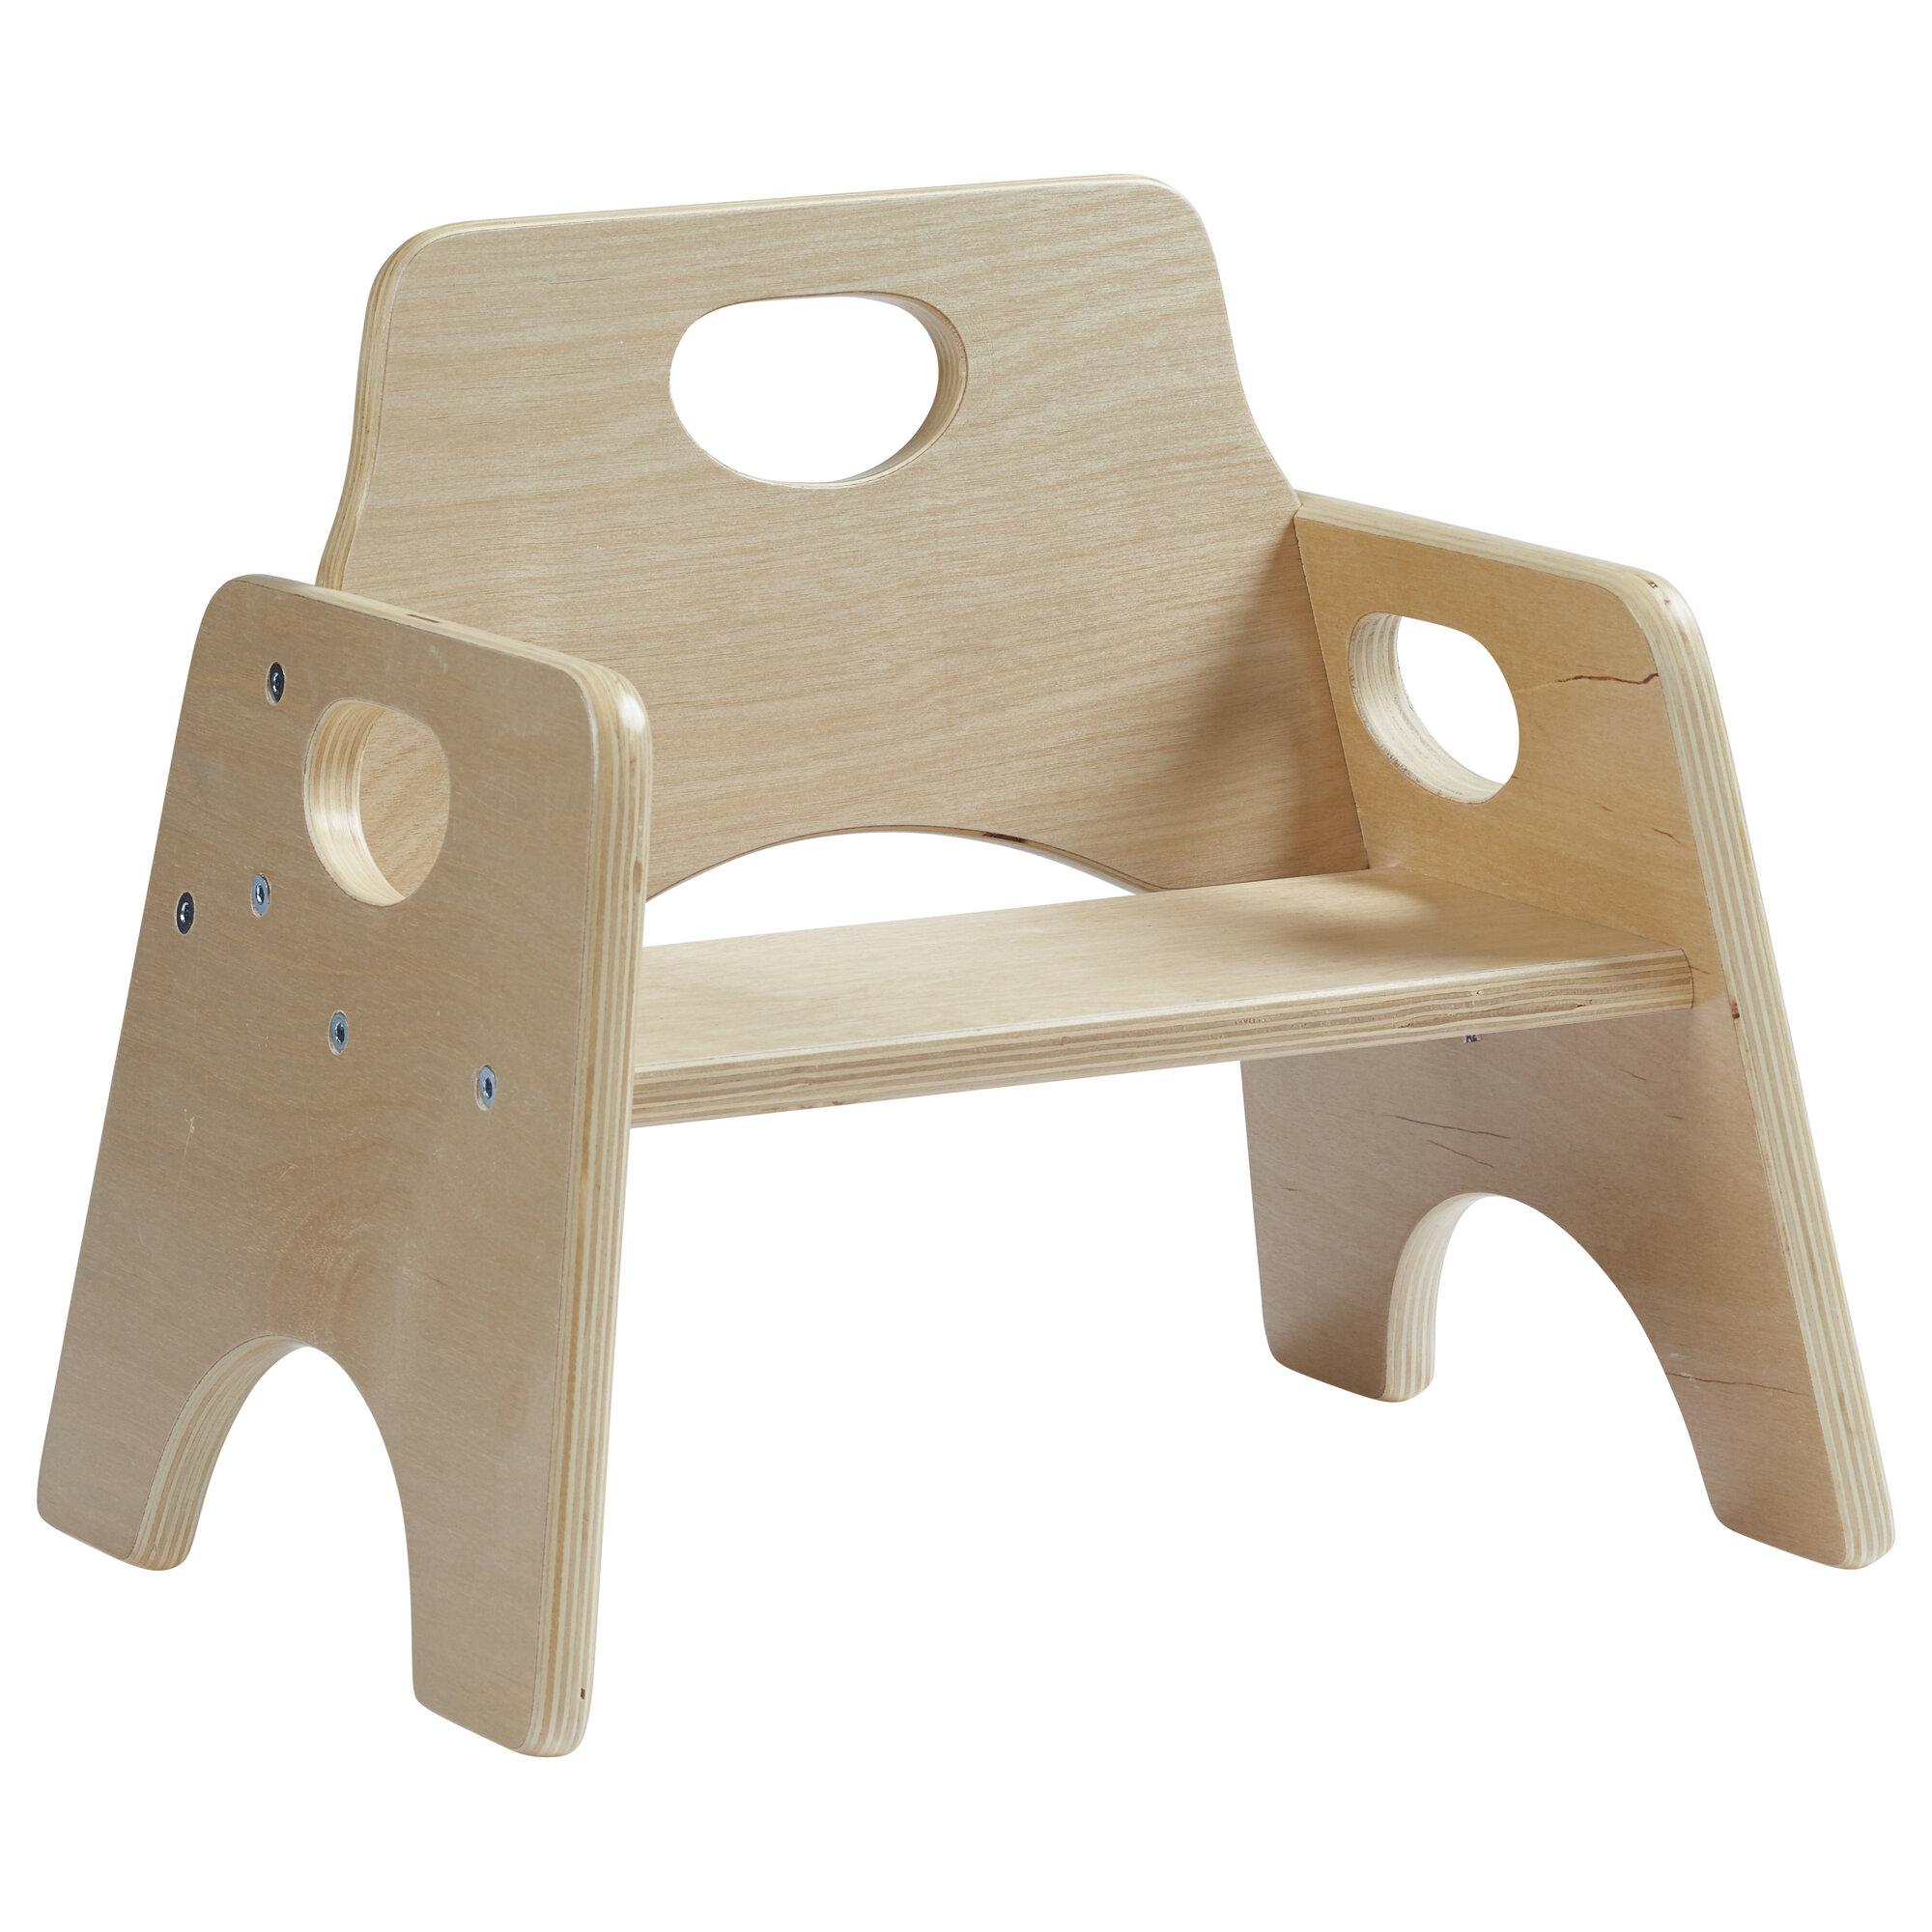 ECR4kids Wooden Kids Novelty Chair Set Of 2